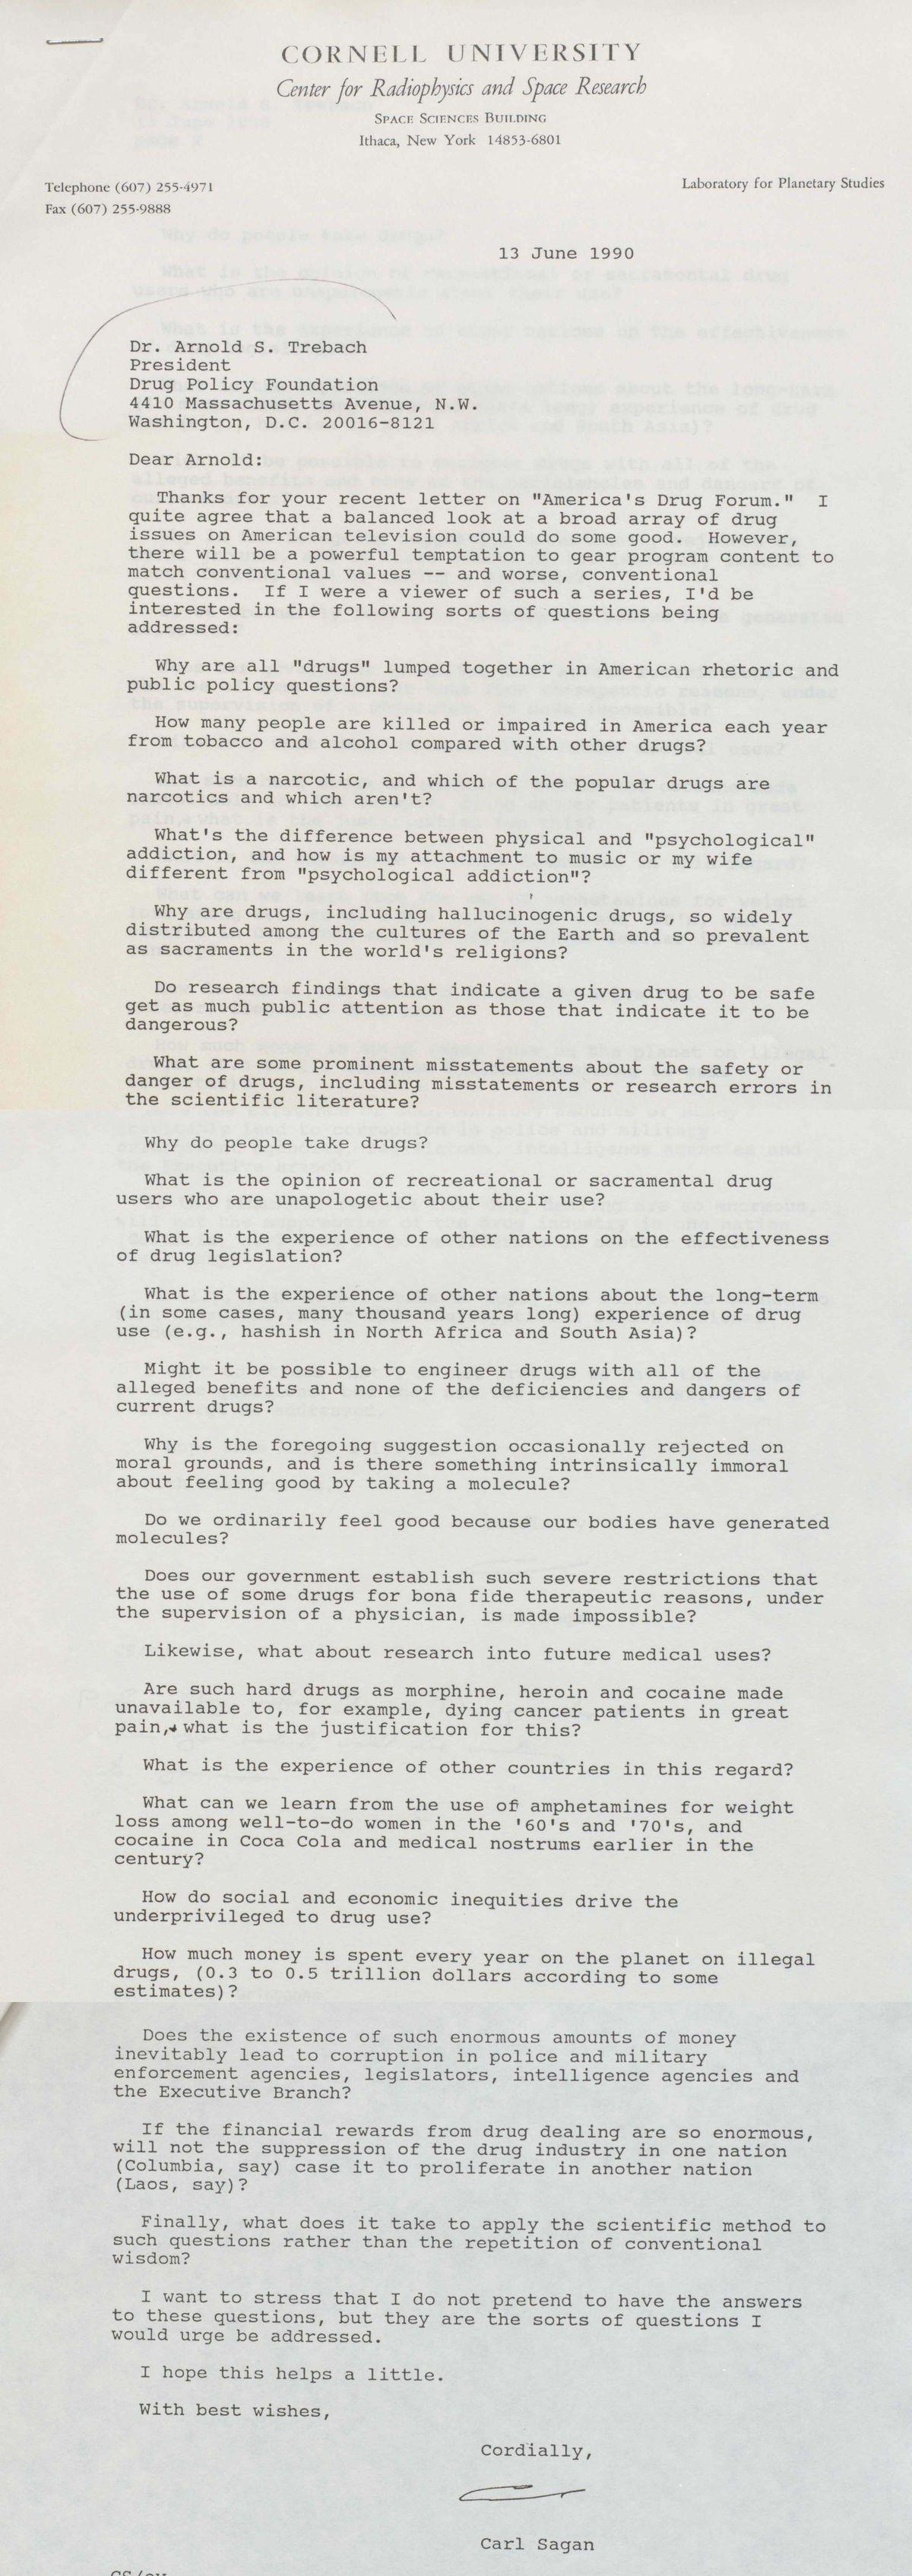 Carl Sagan 1990 war on drugs letter